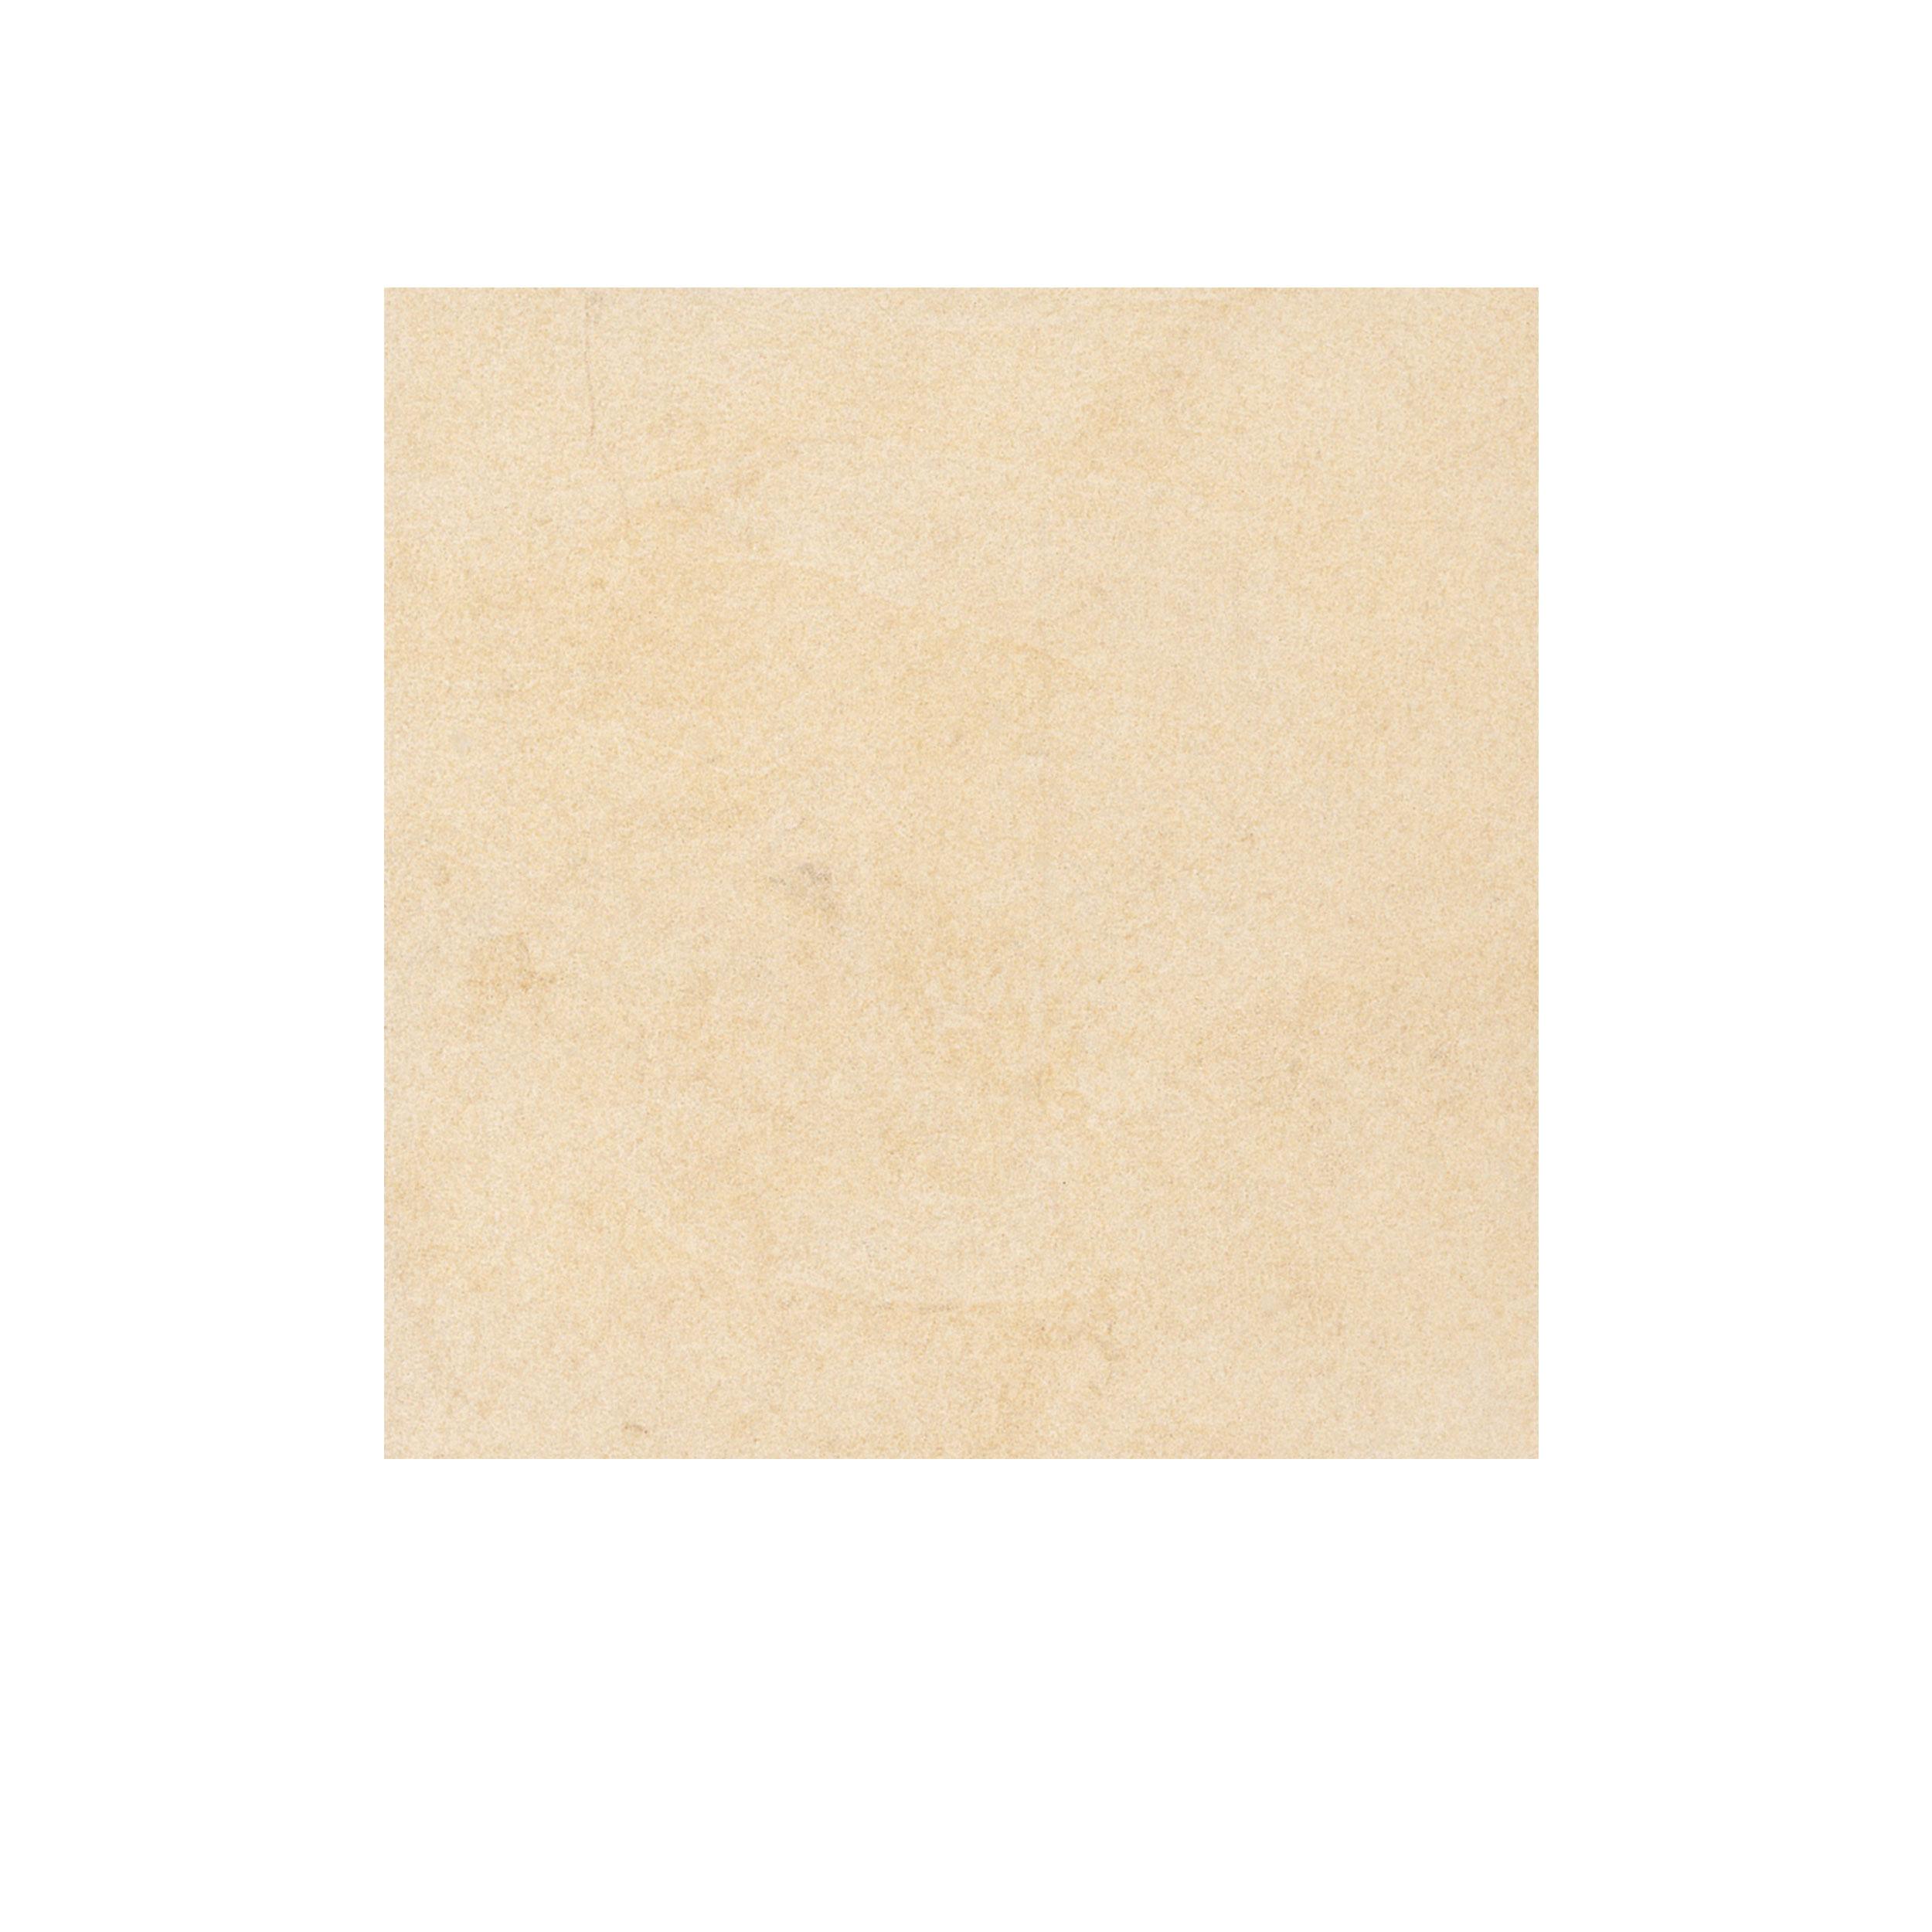 COTTO กระเบื้องปูพื้นและผนัง (คอตโต้) 24x24 นิ้ว (60x60ซม.) GT715497